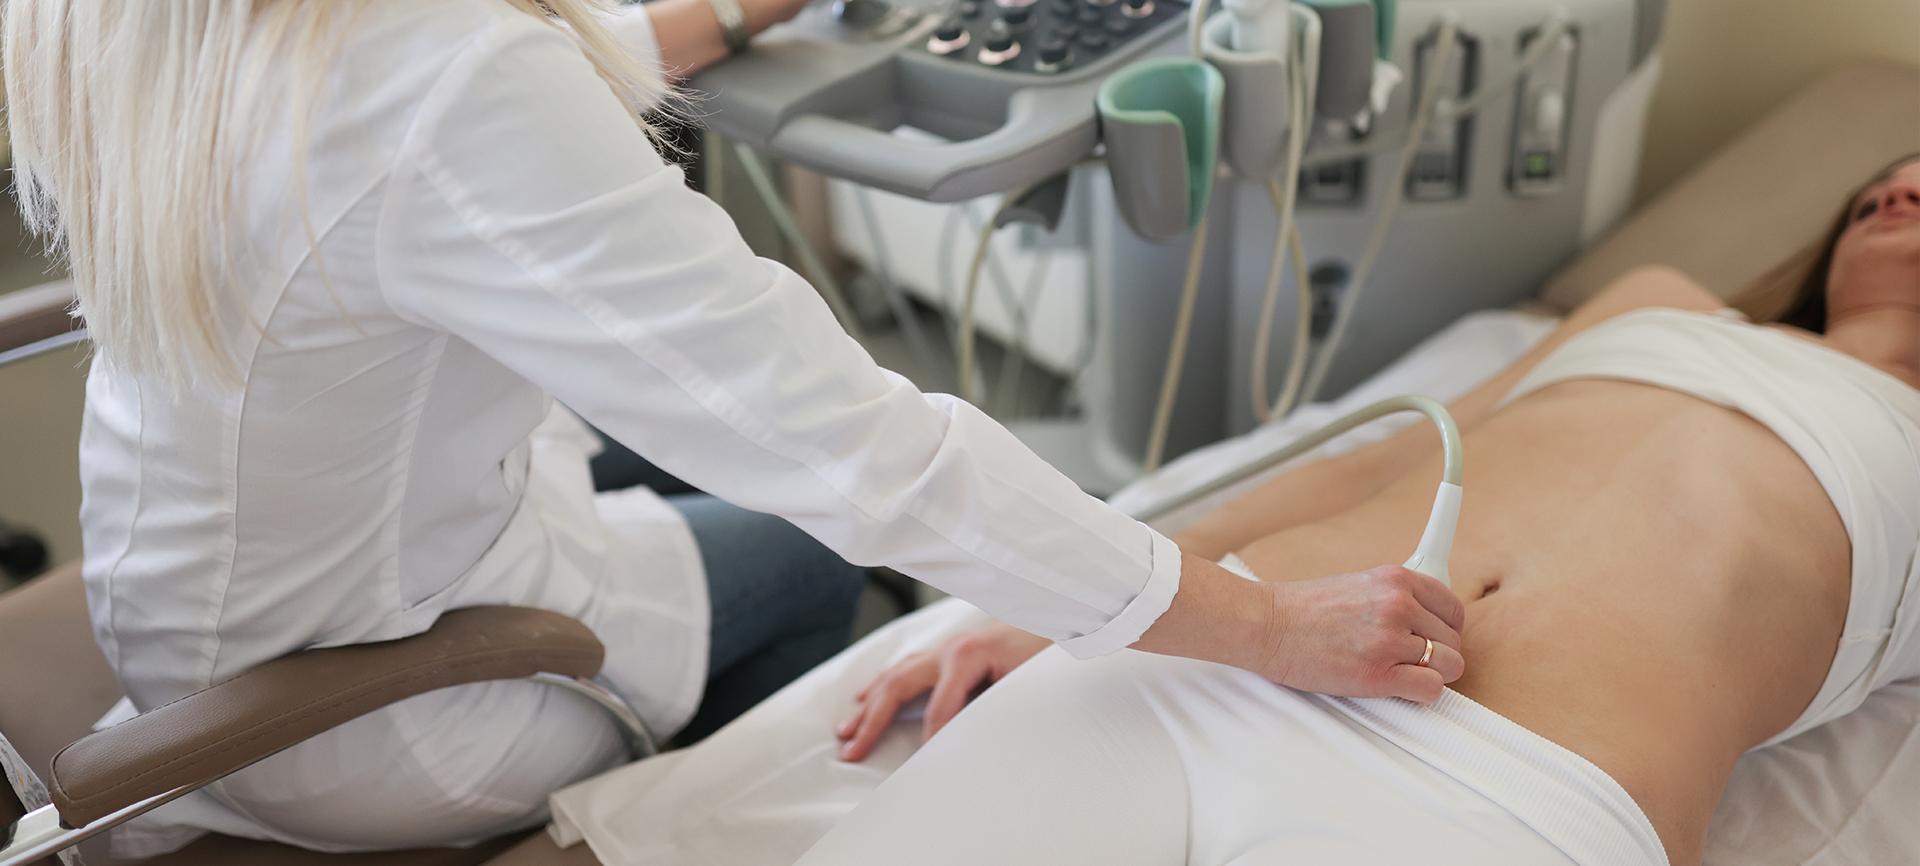 Ultrassonografia pélvica: conheça melhor cada modalidade